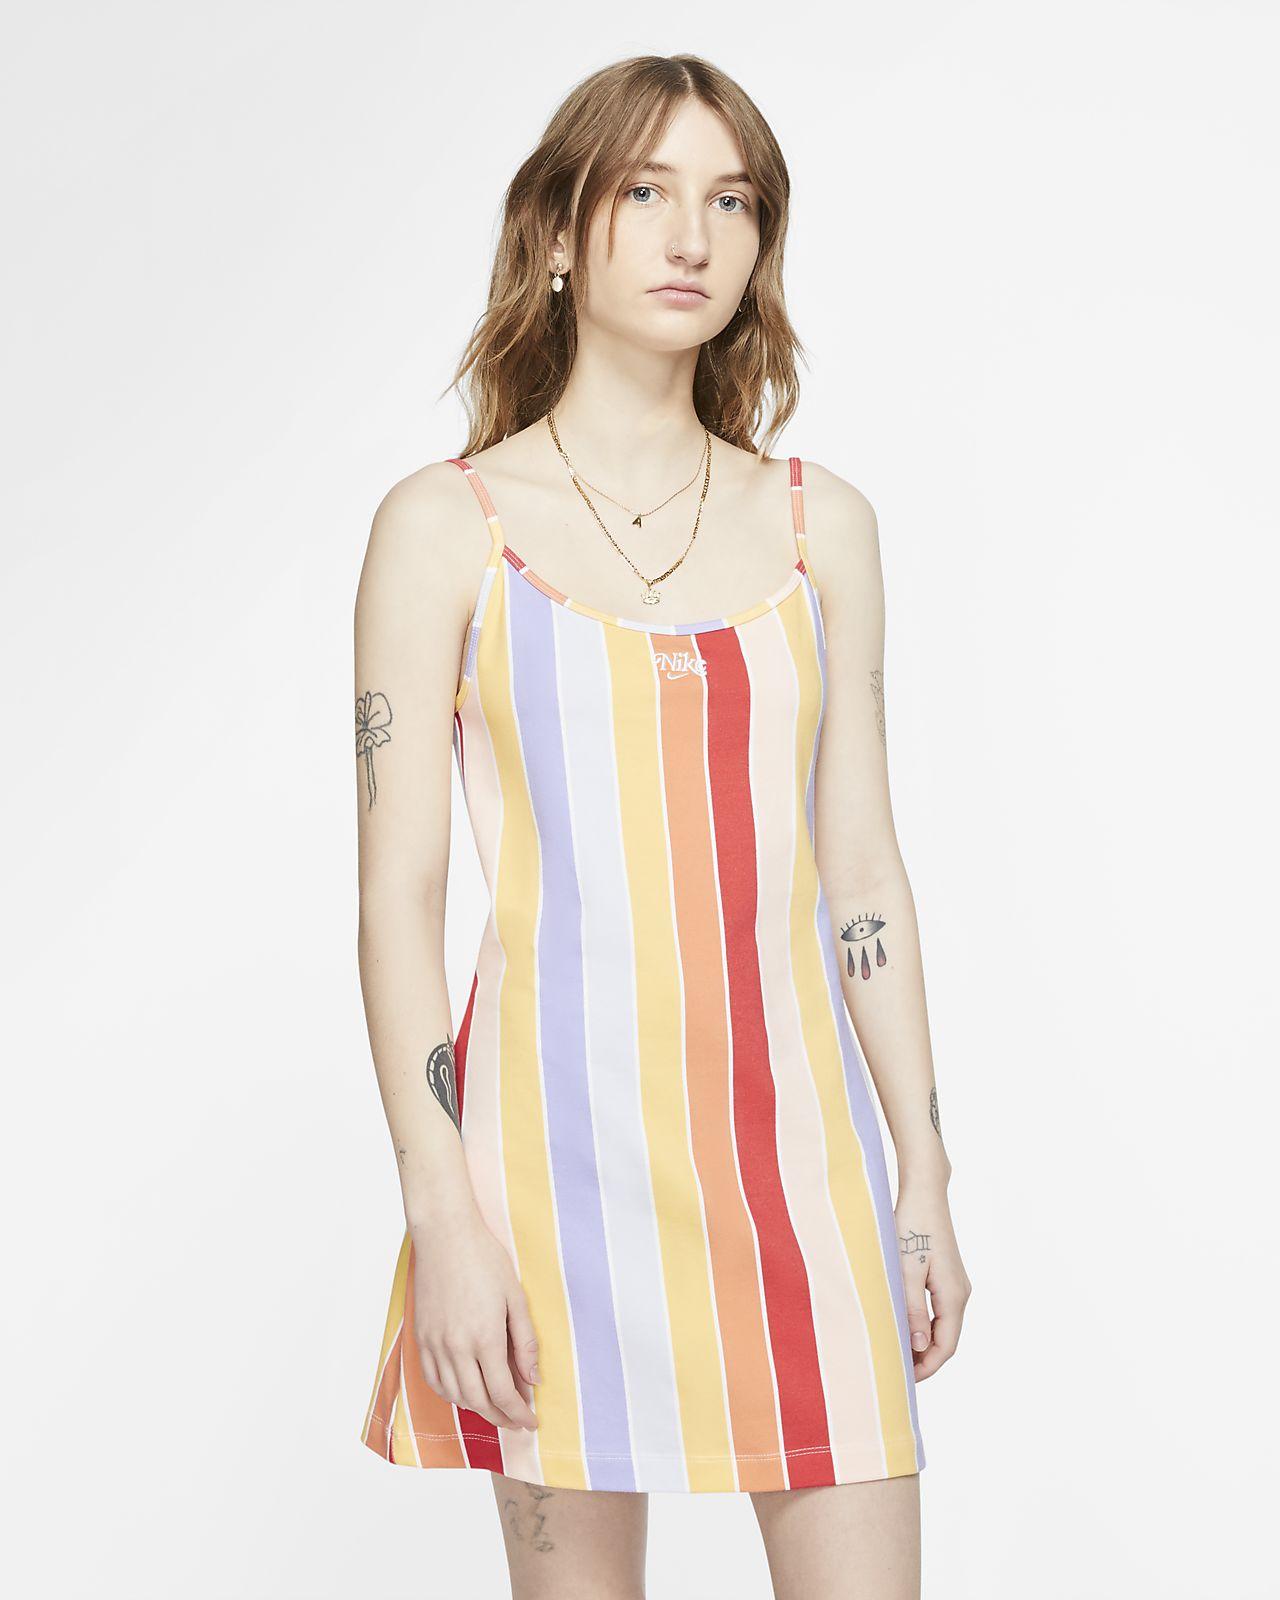 Nike Sportswear Women's Printed Dress